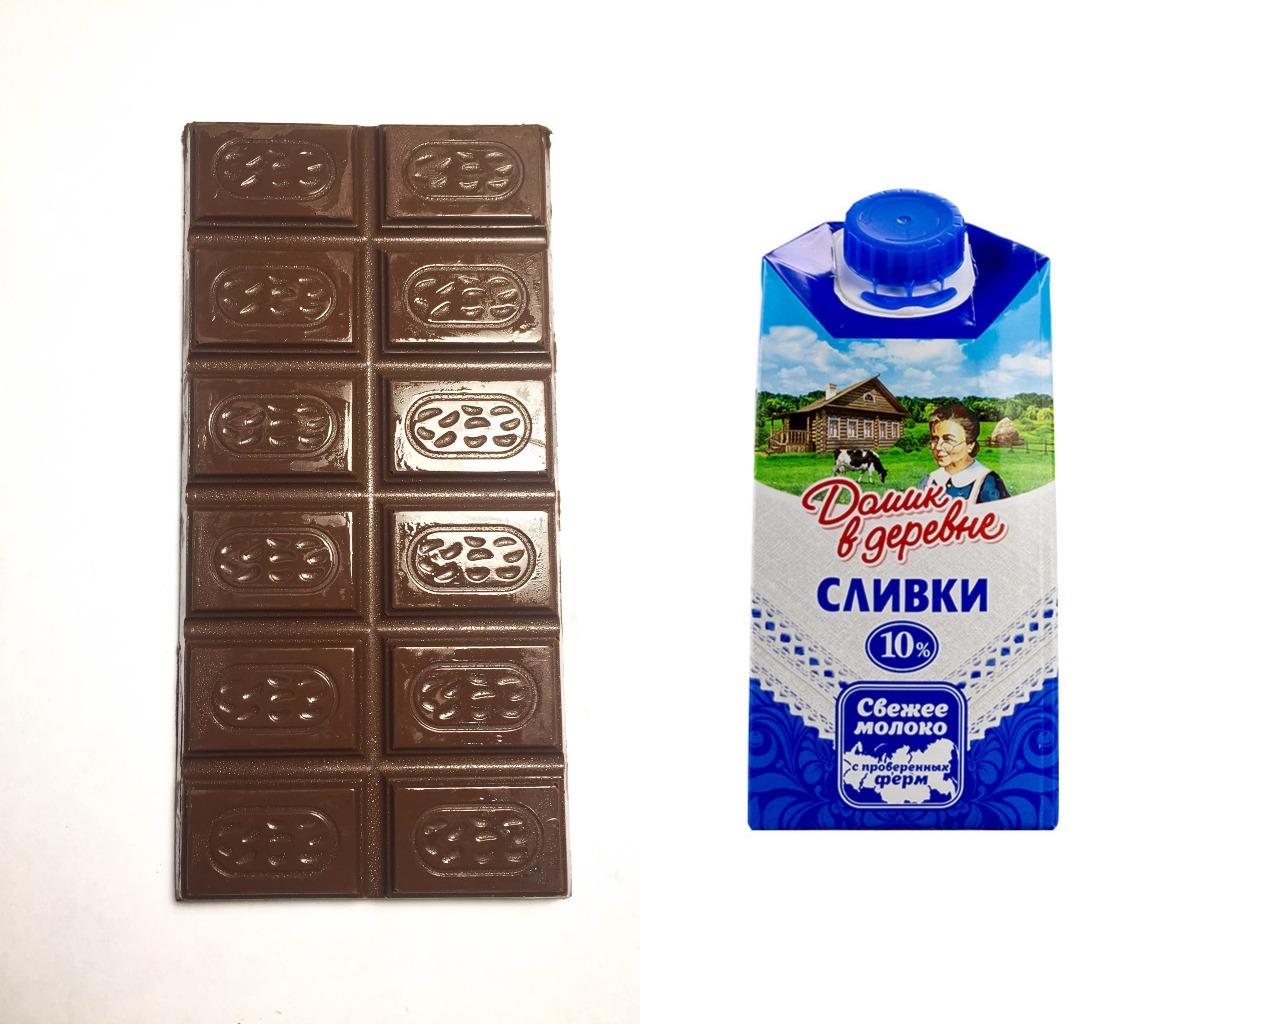 Шоколад и сливки для глазури